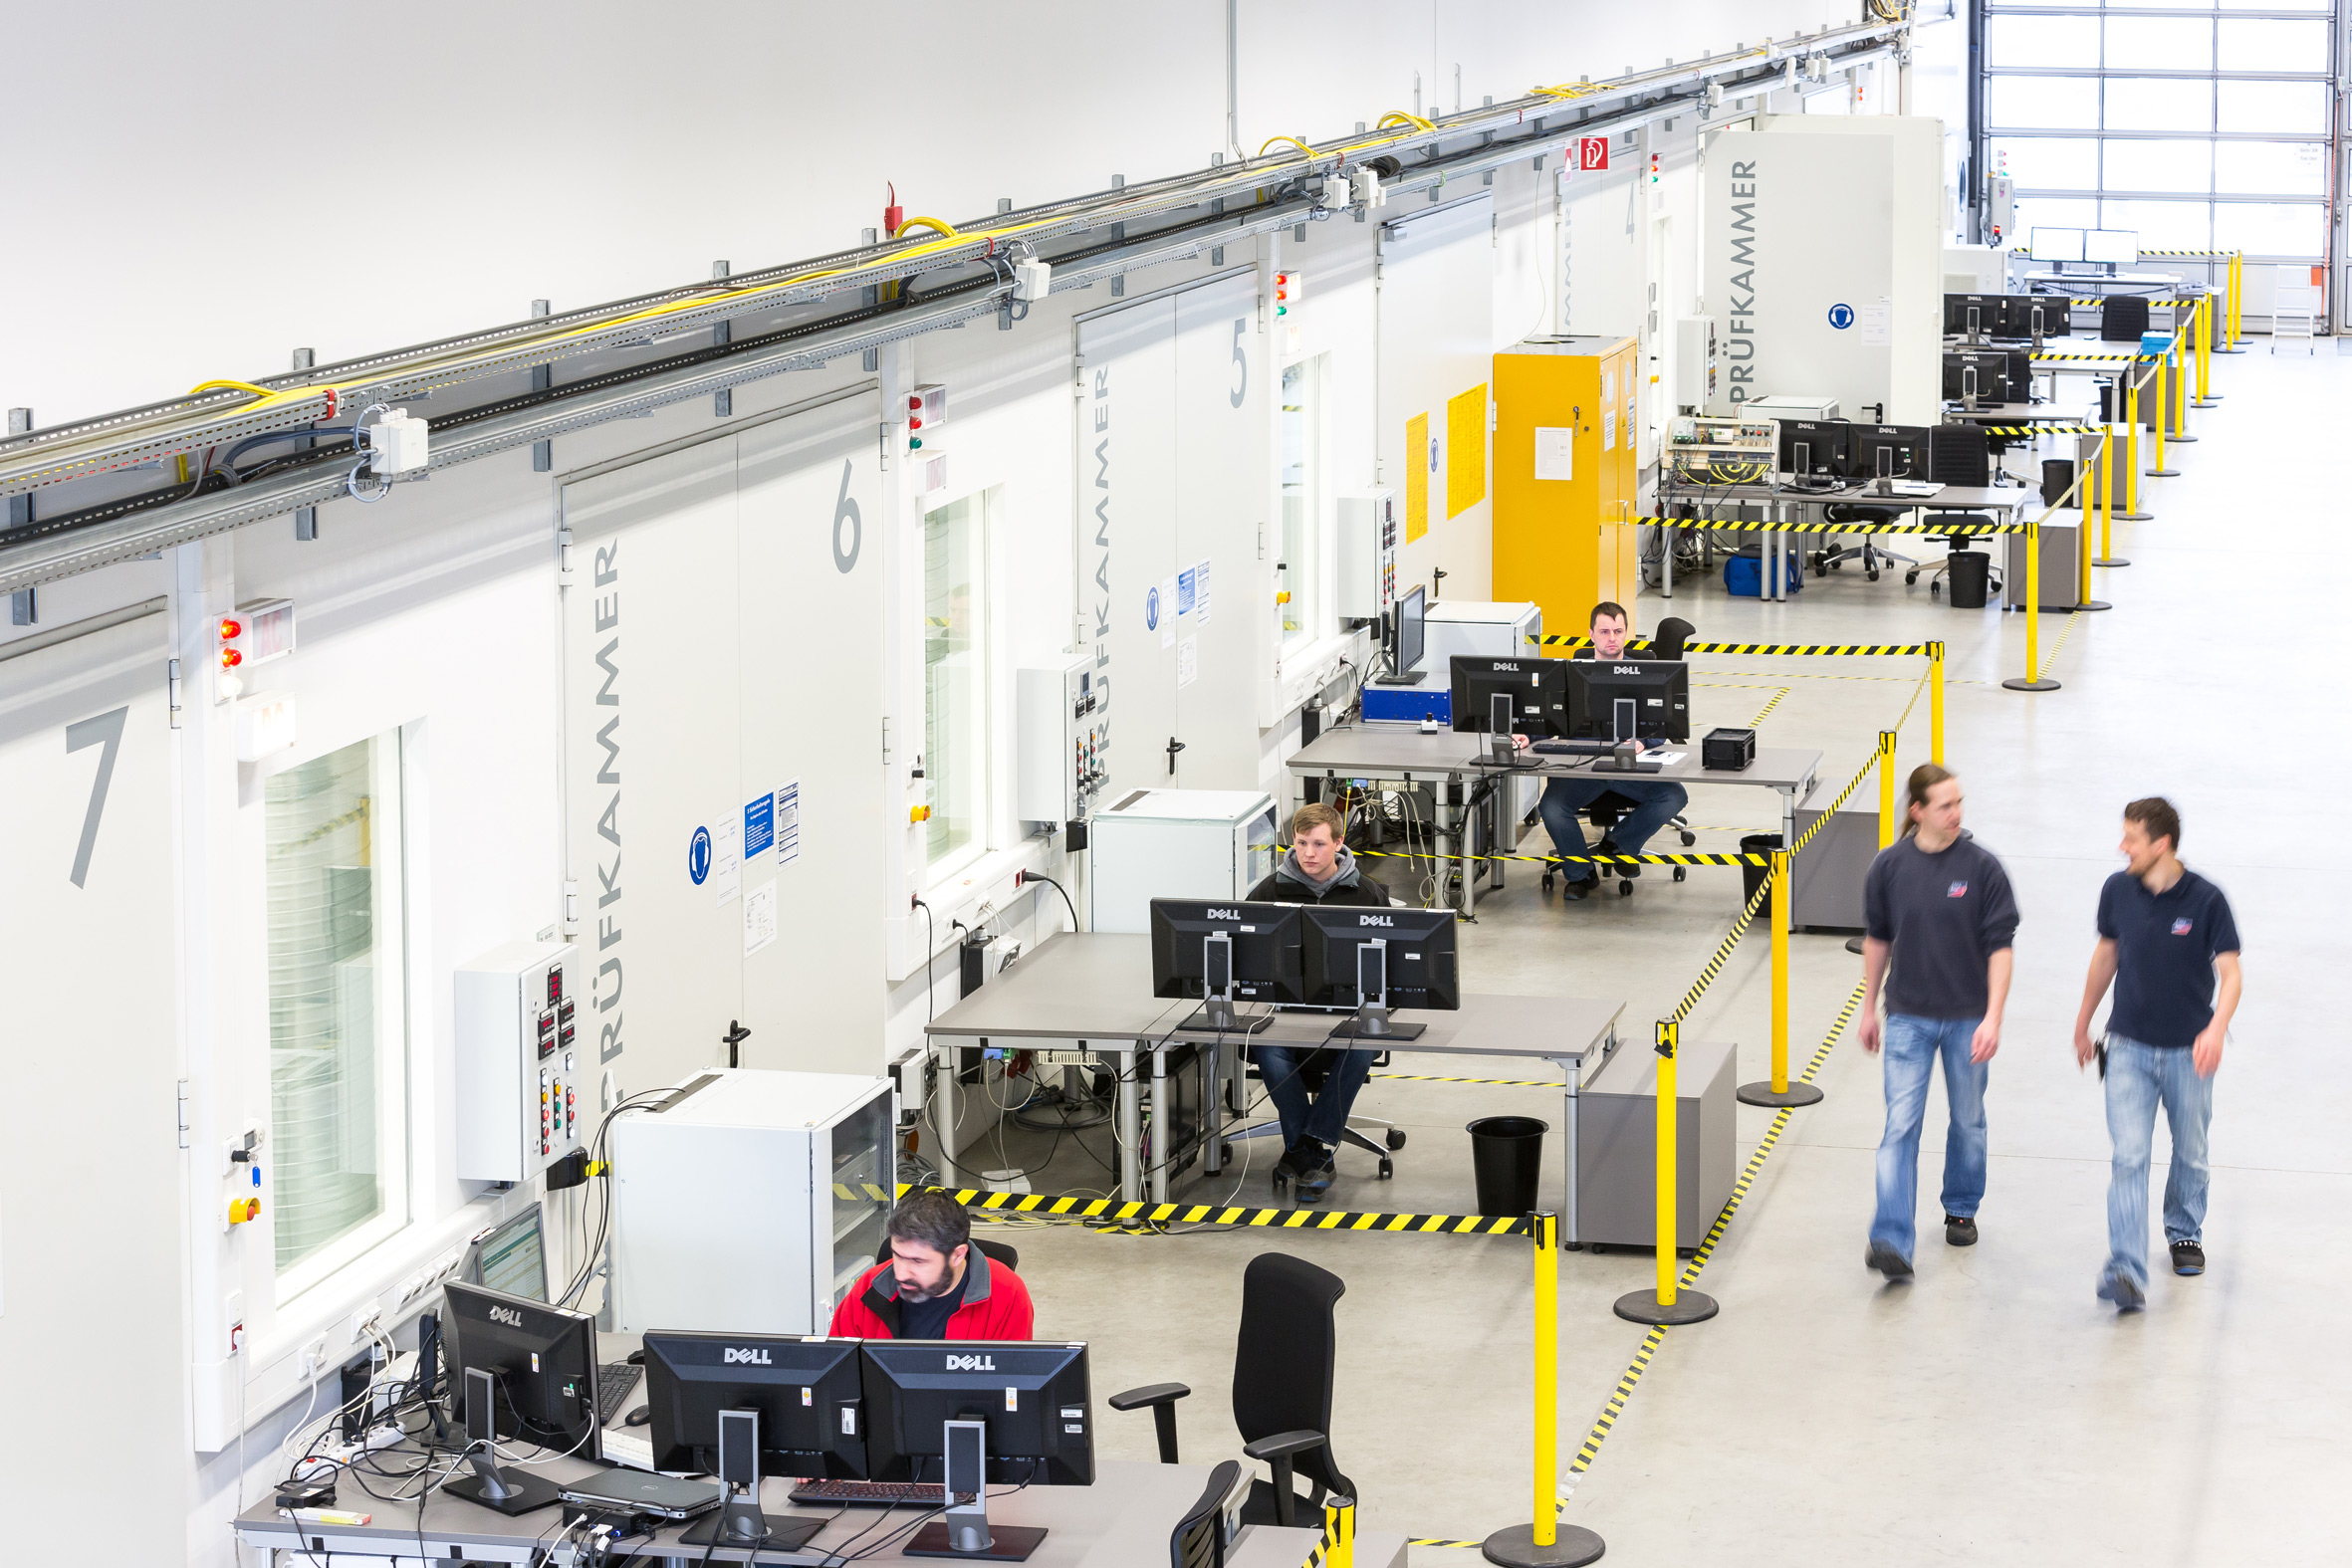 Die entwicklungsbegleitende Testeinrichtung für Zentral-Wechselrichter umfasst mehrere Prüfkammern